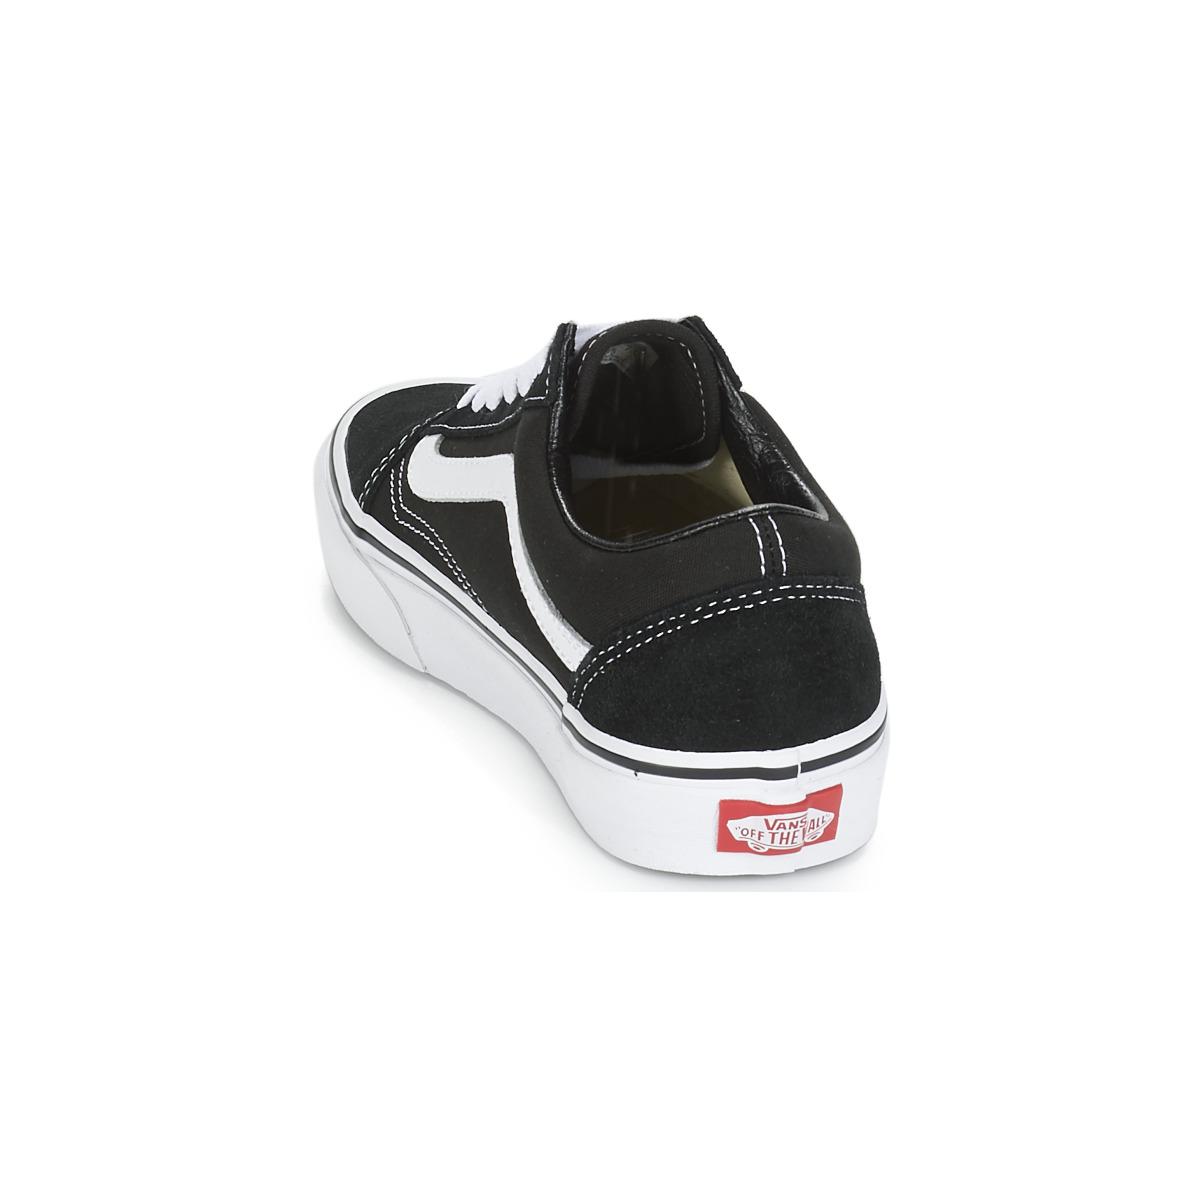 scarpe uomo vans old skool